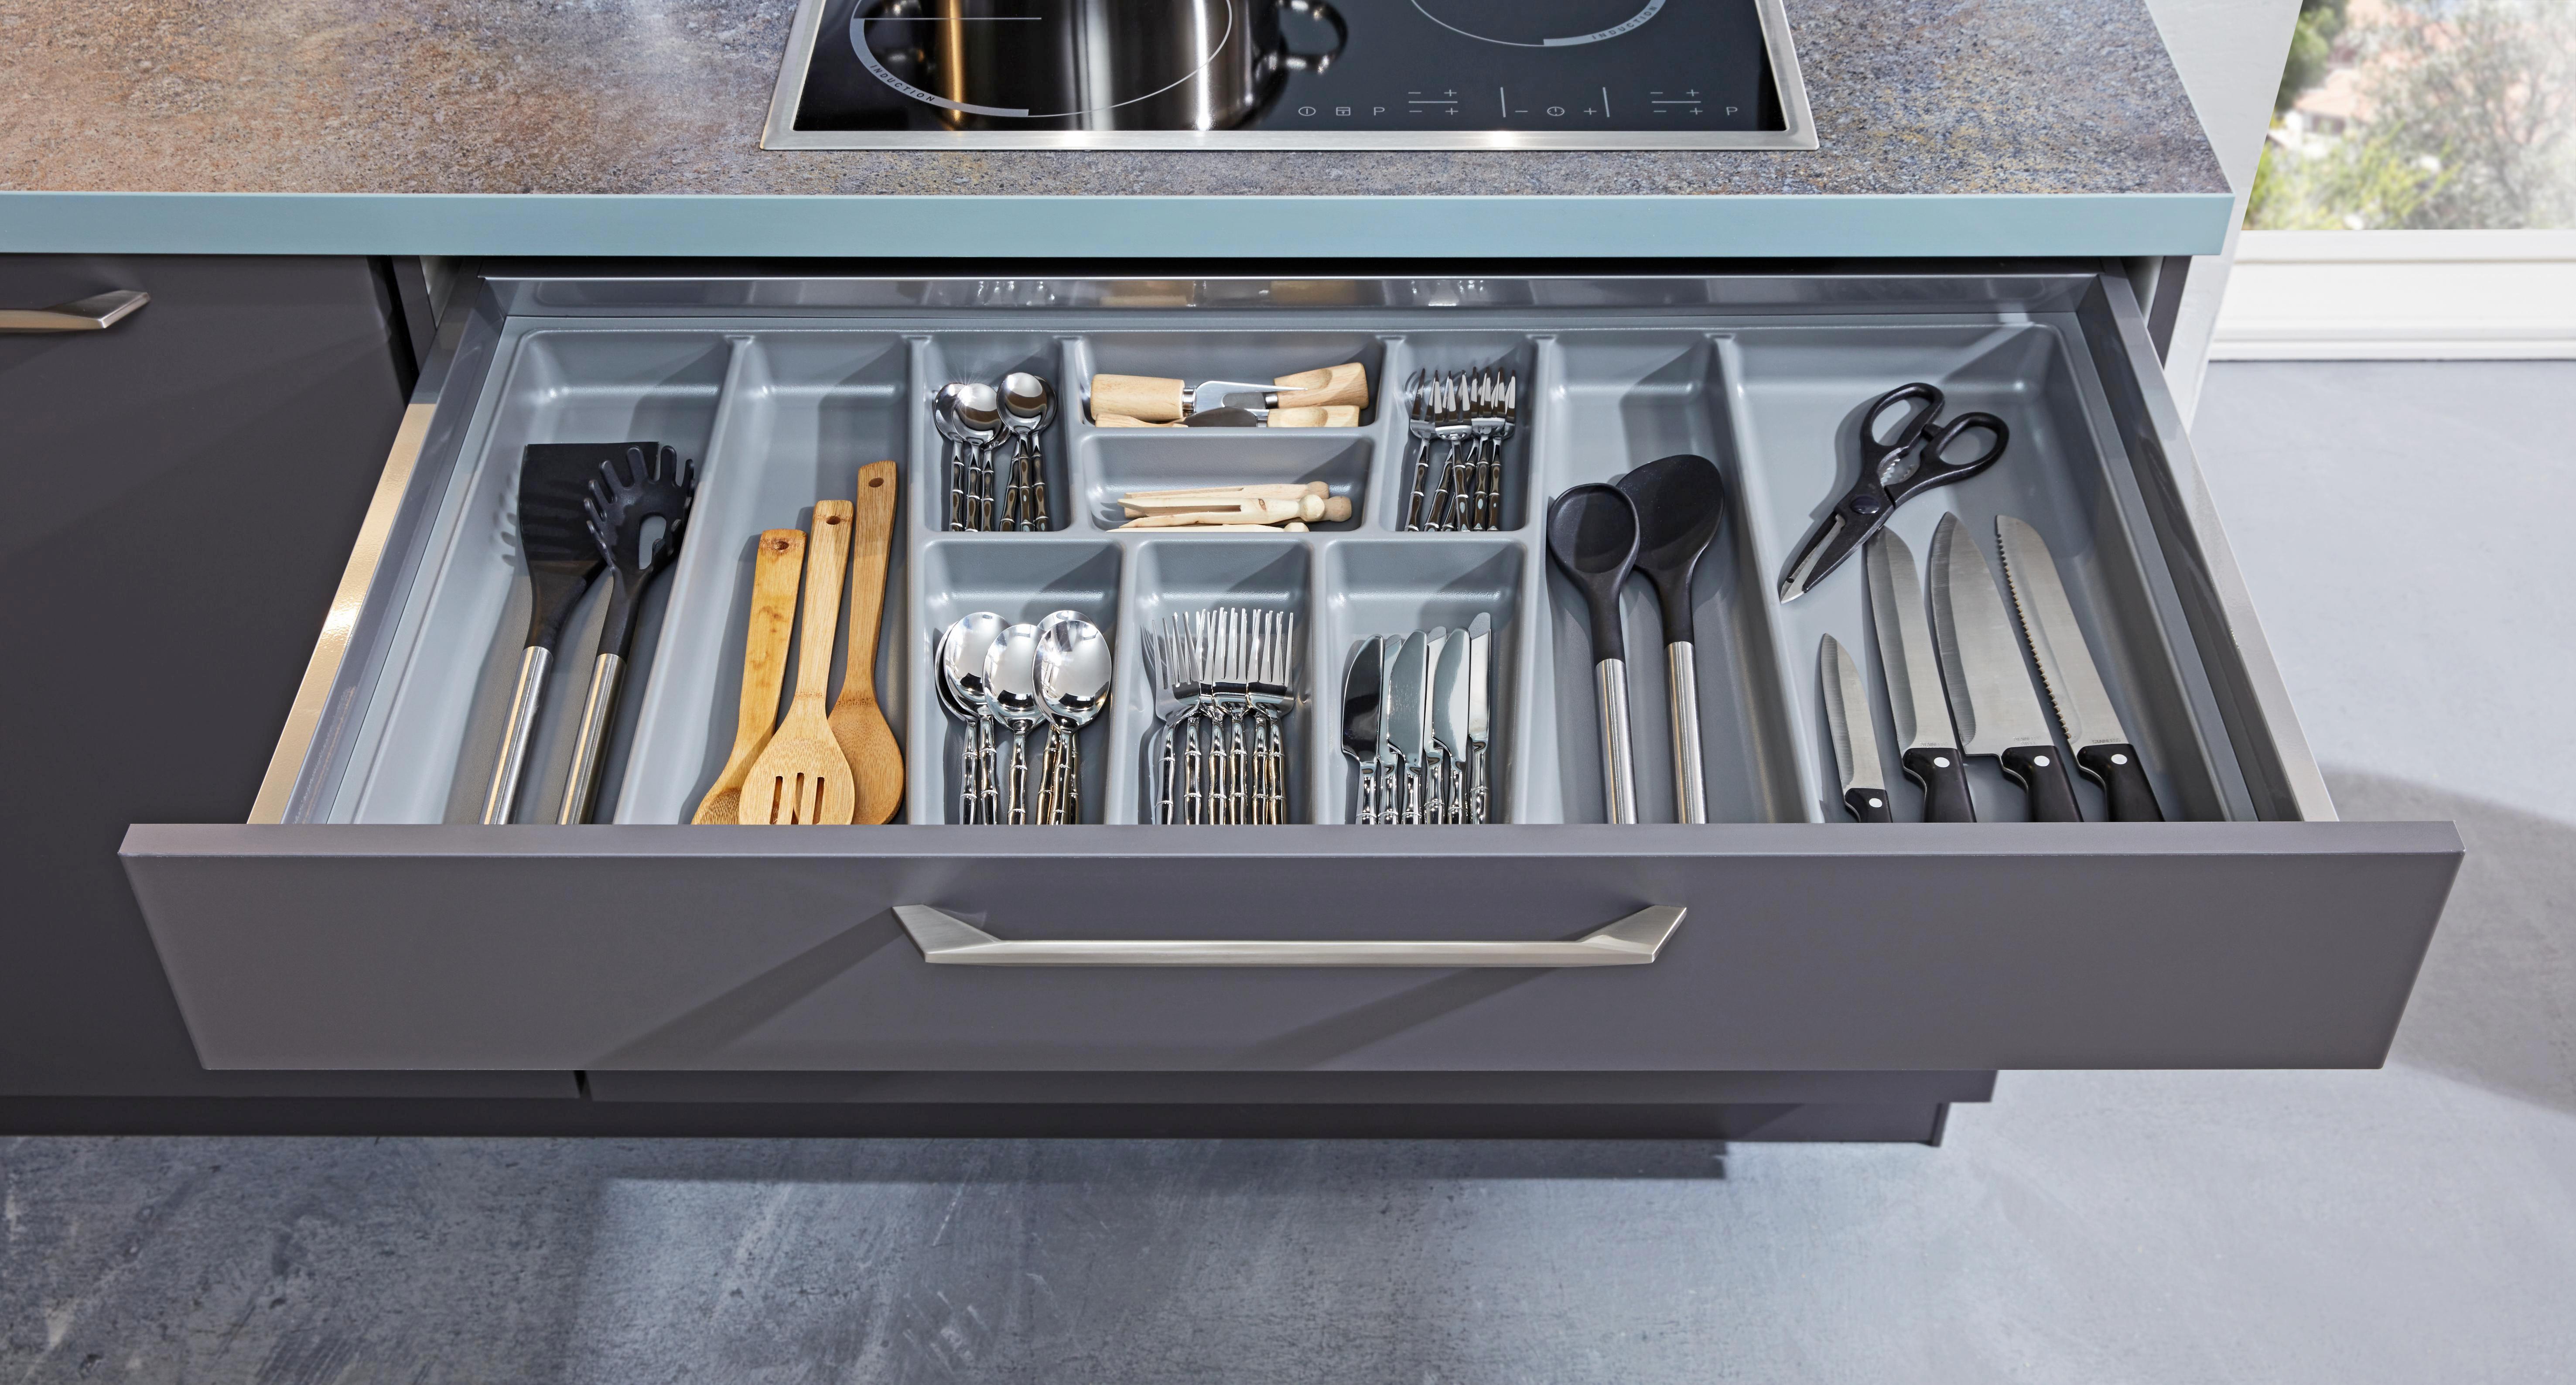 Ziemlich Küchendesign Online Tool Lowes Zeitgenössisch - Küche Set ...